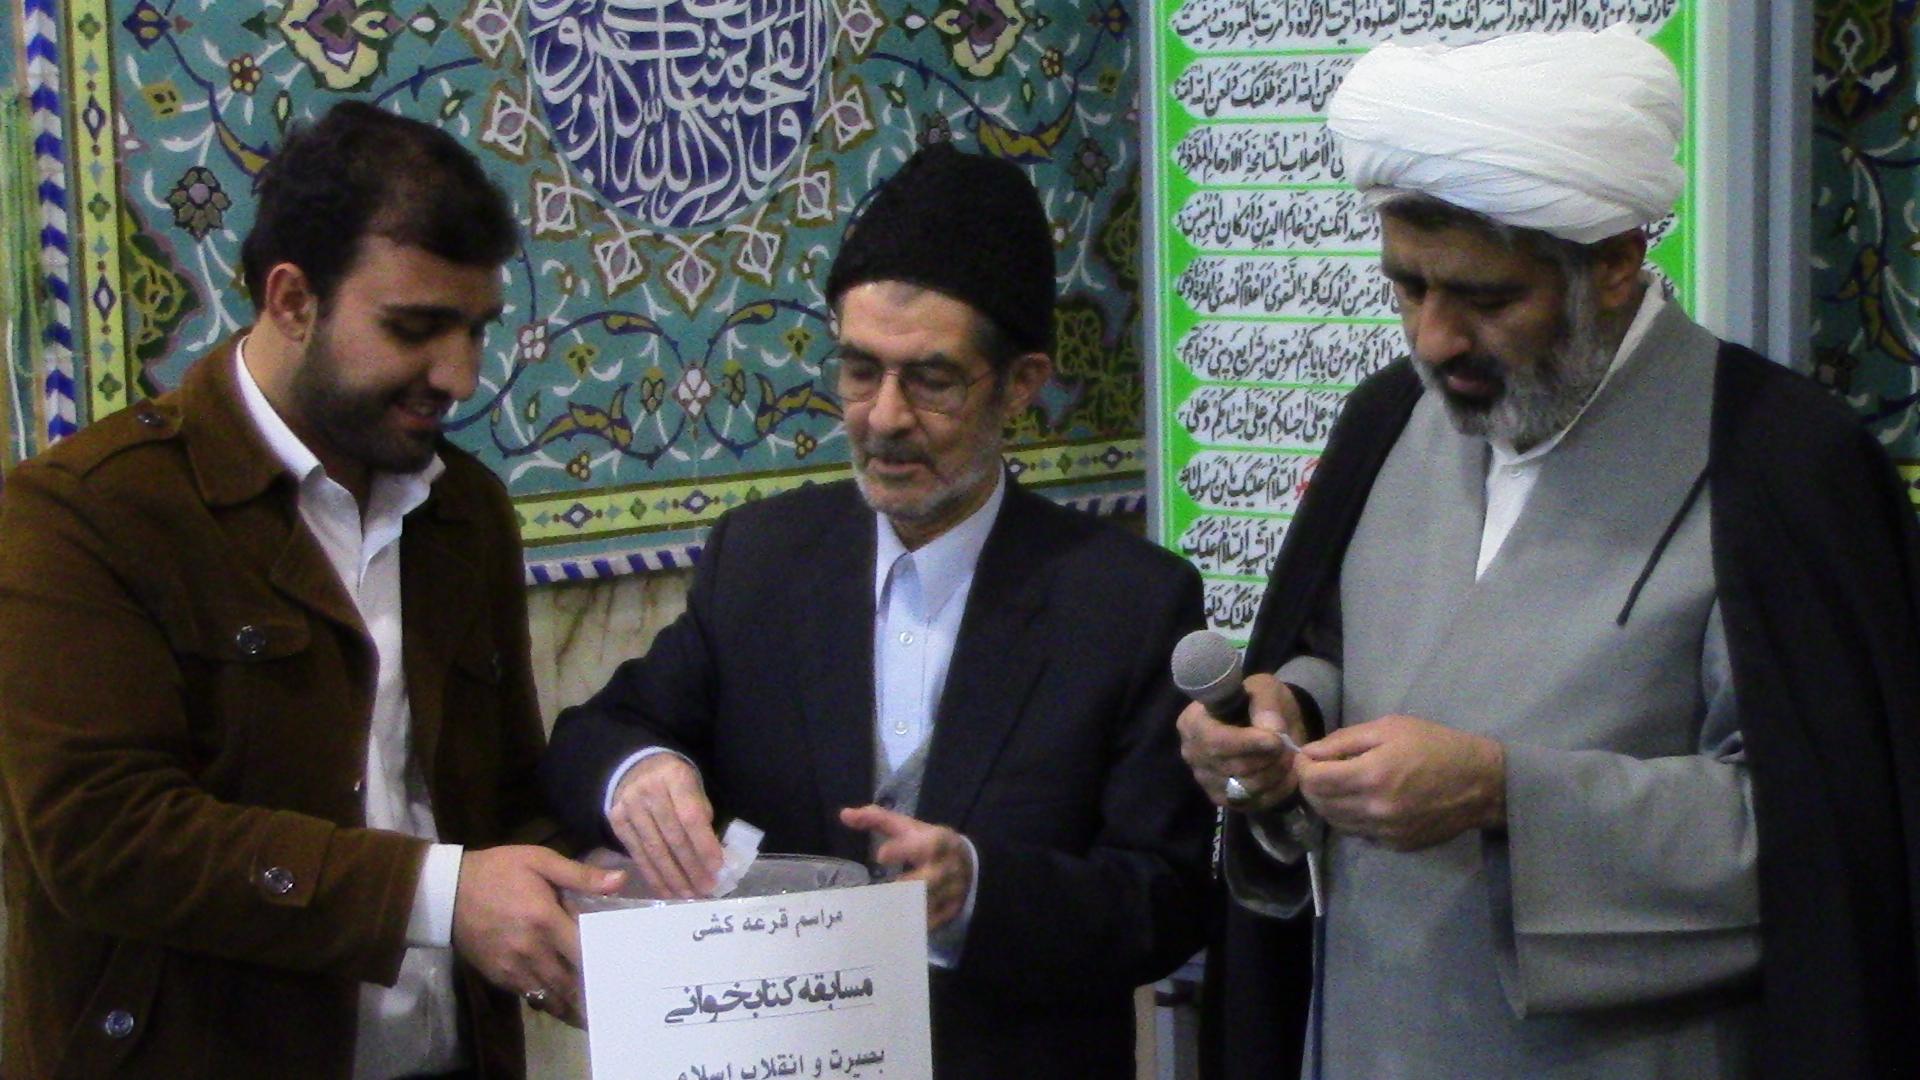 اعلام نتایج مسابقه کتابخوانی بصیرت و انقلاب اسلامی